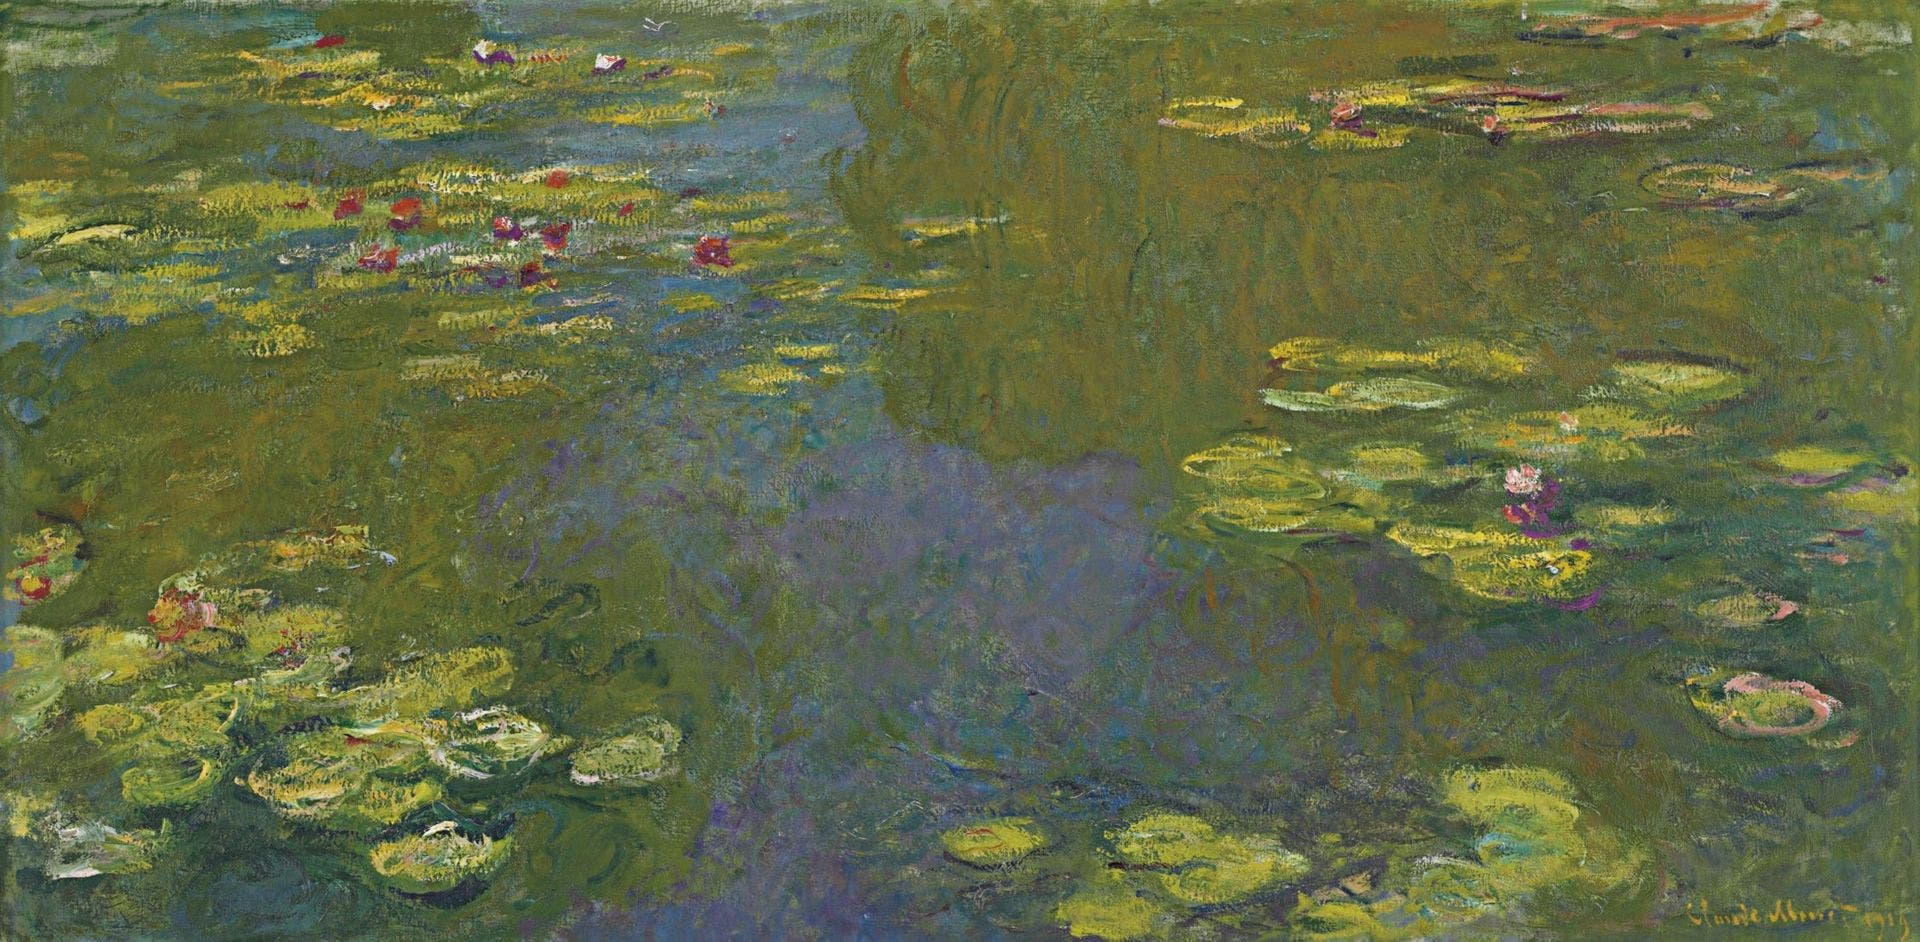 صورة للوحة مياه بركة الزنبق